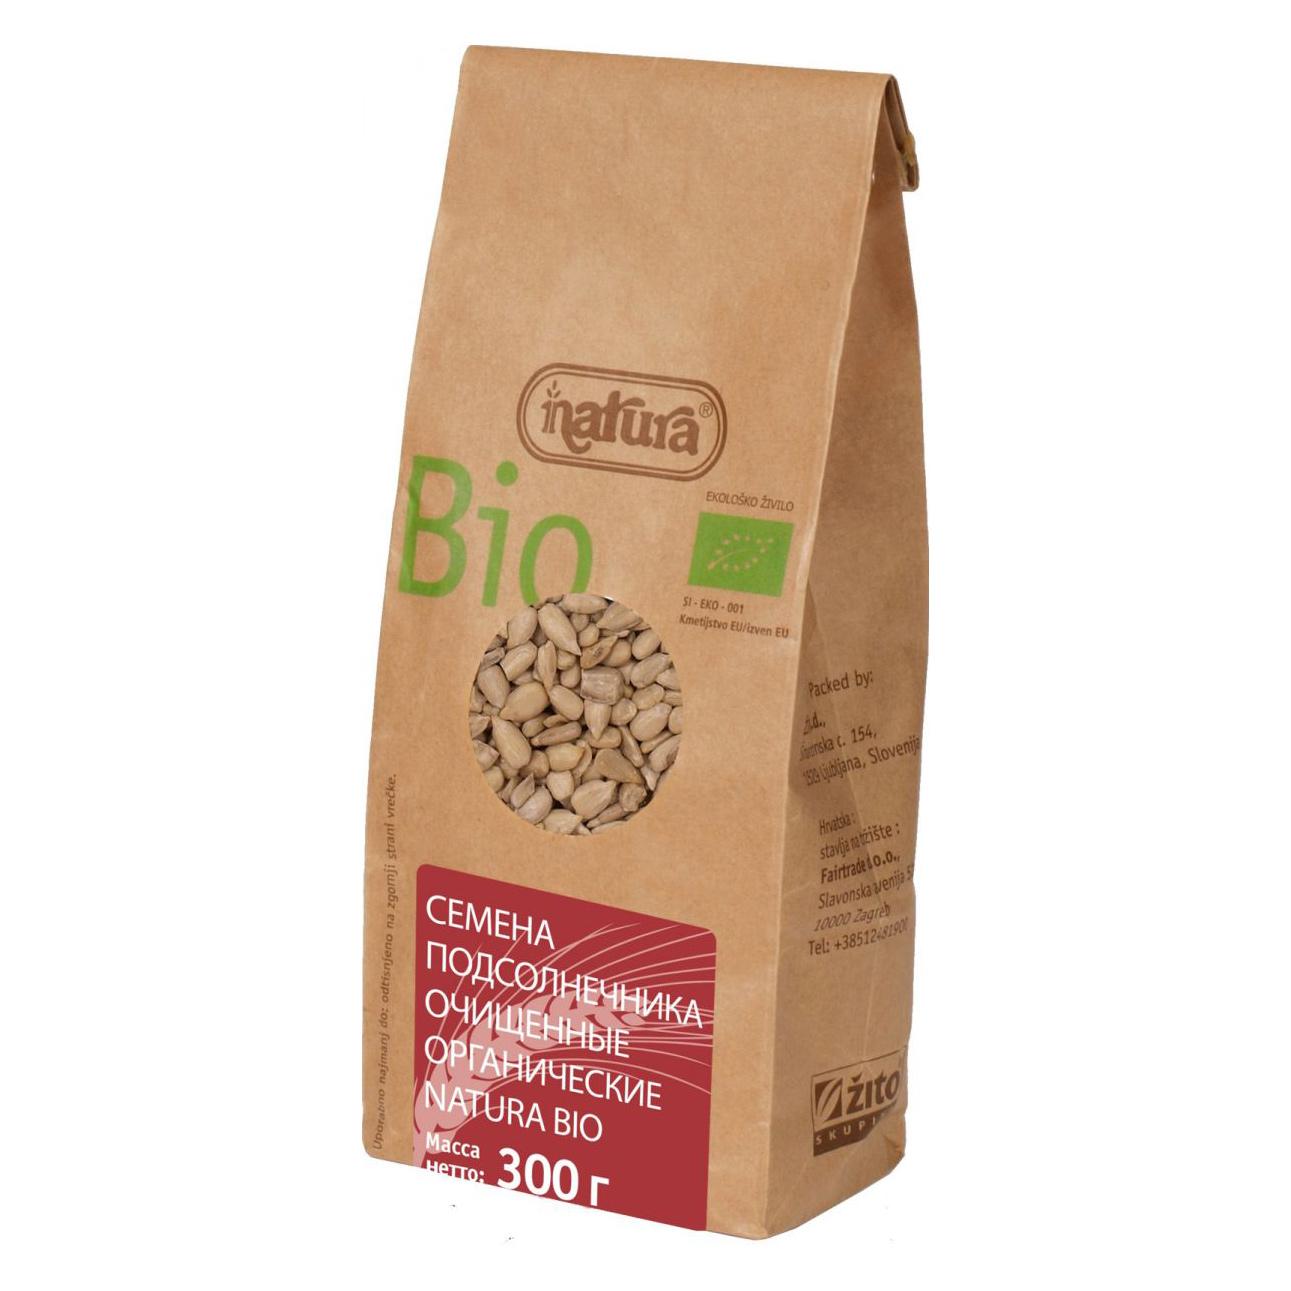 Семена подсолнечника очищенные Zito Natura Bio 300 г